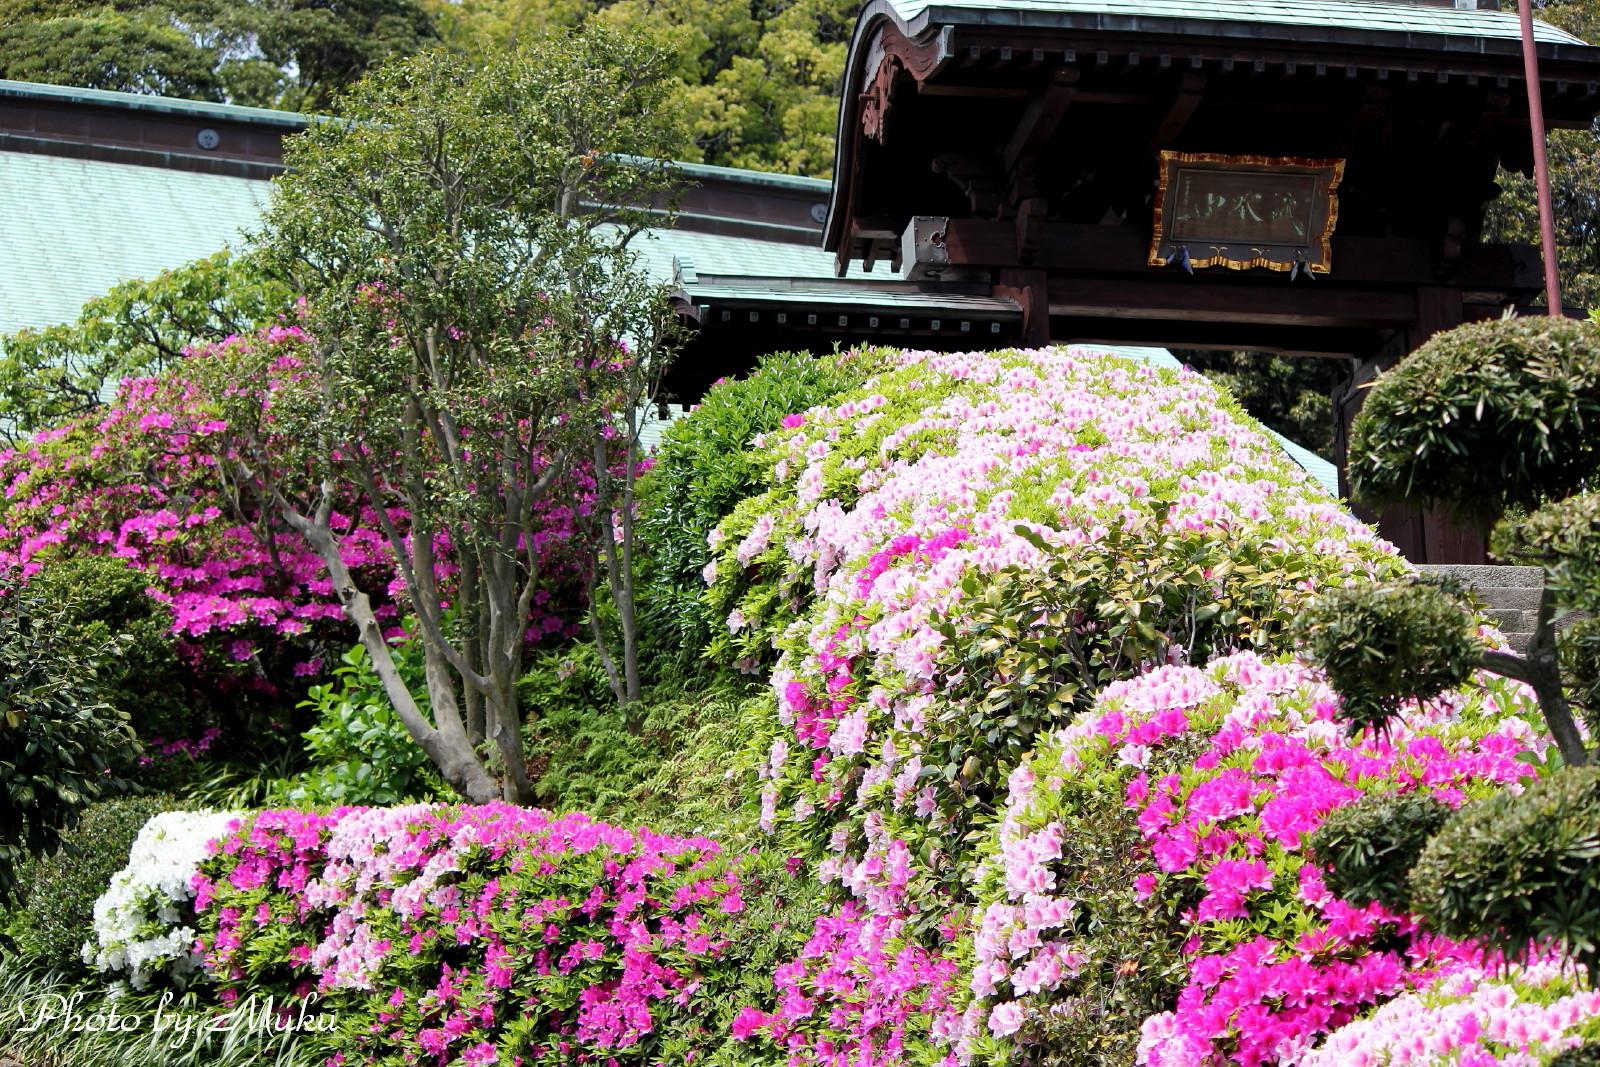 2014/04/28_ツツジ(散歩道:神奈川県横須賀市)